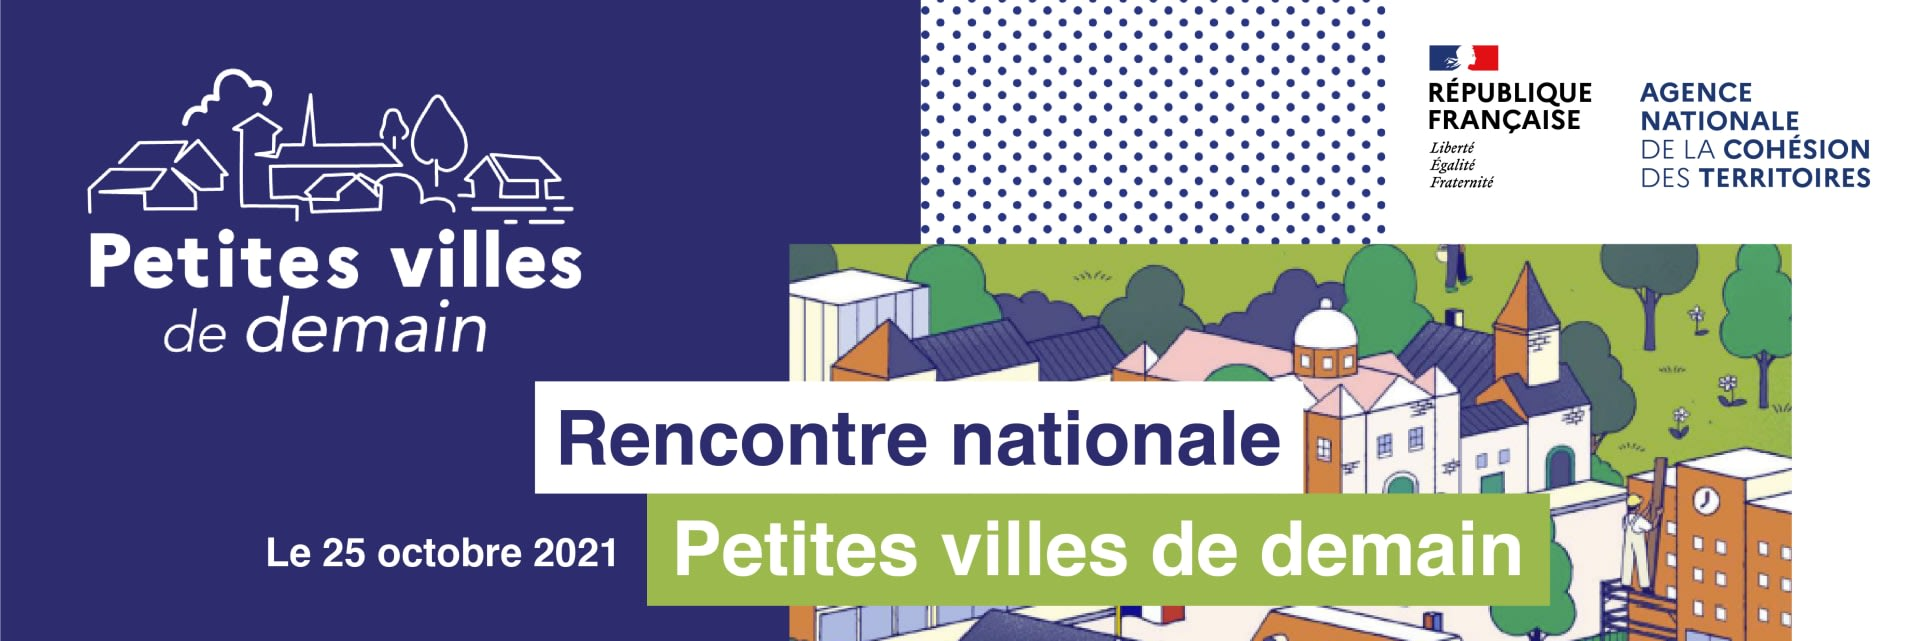 Save the date: Rendez-vous le 25 octobre pour la rencontre nationale petites villes de demain